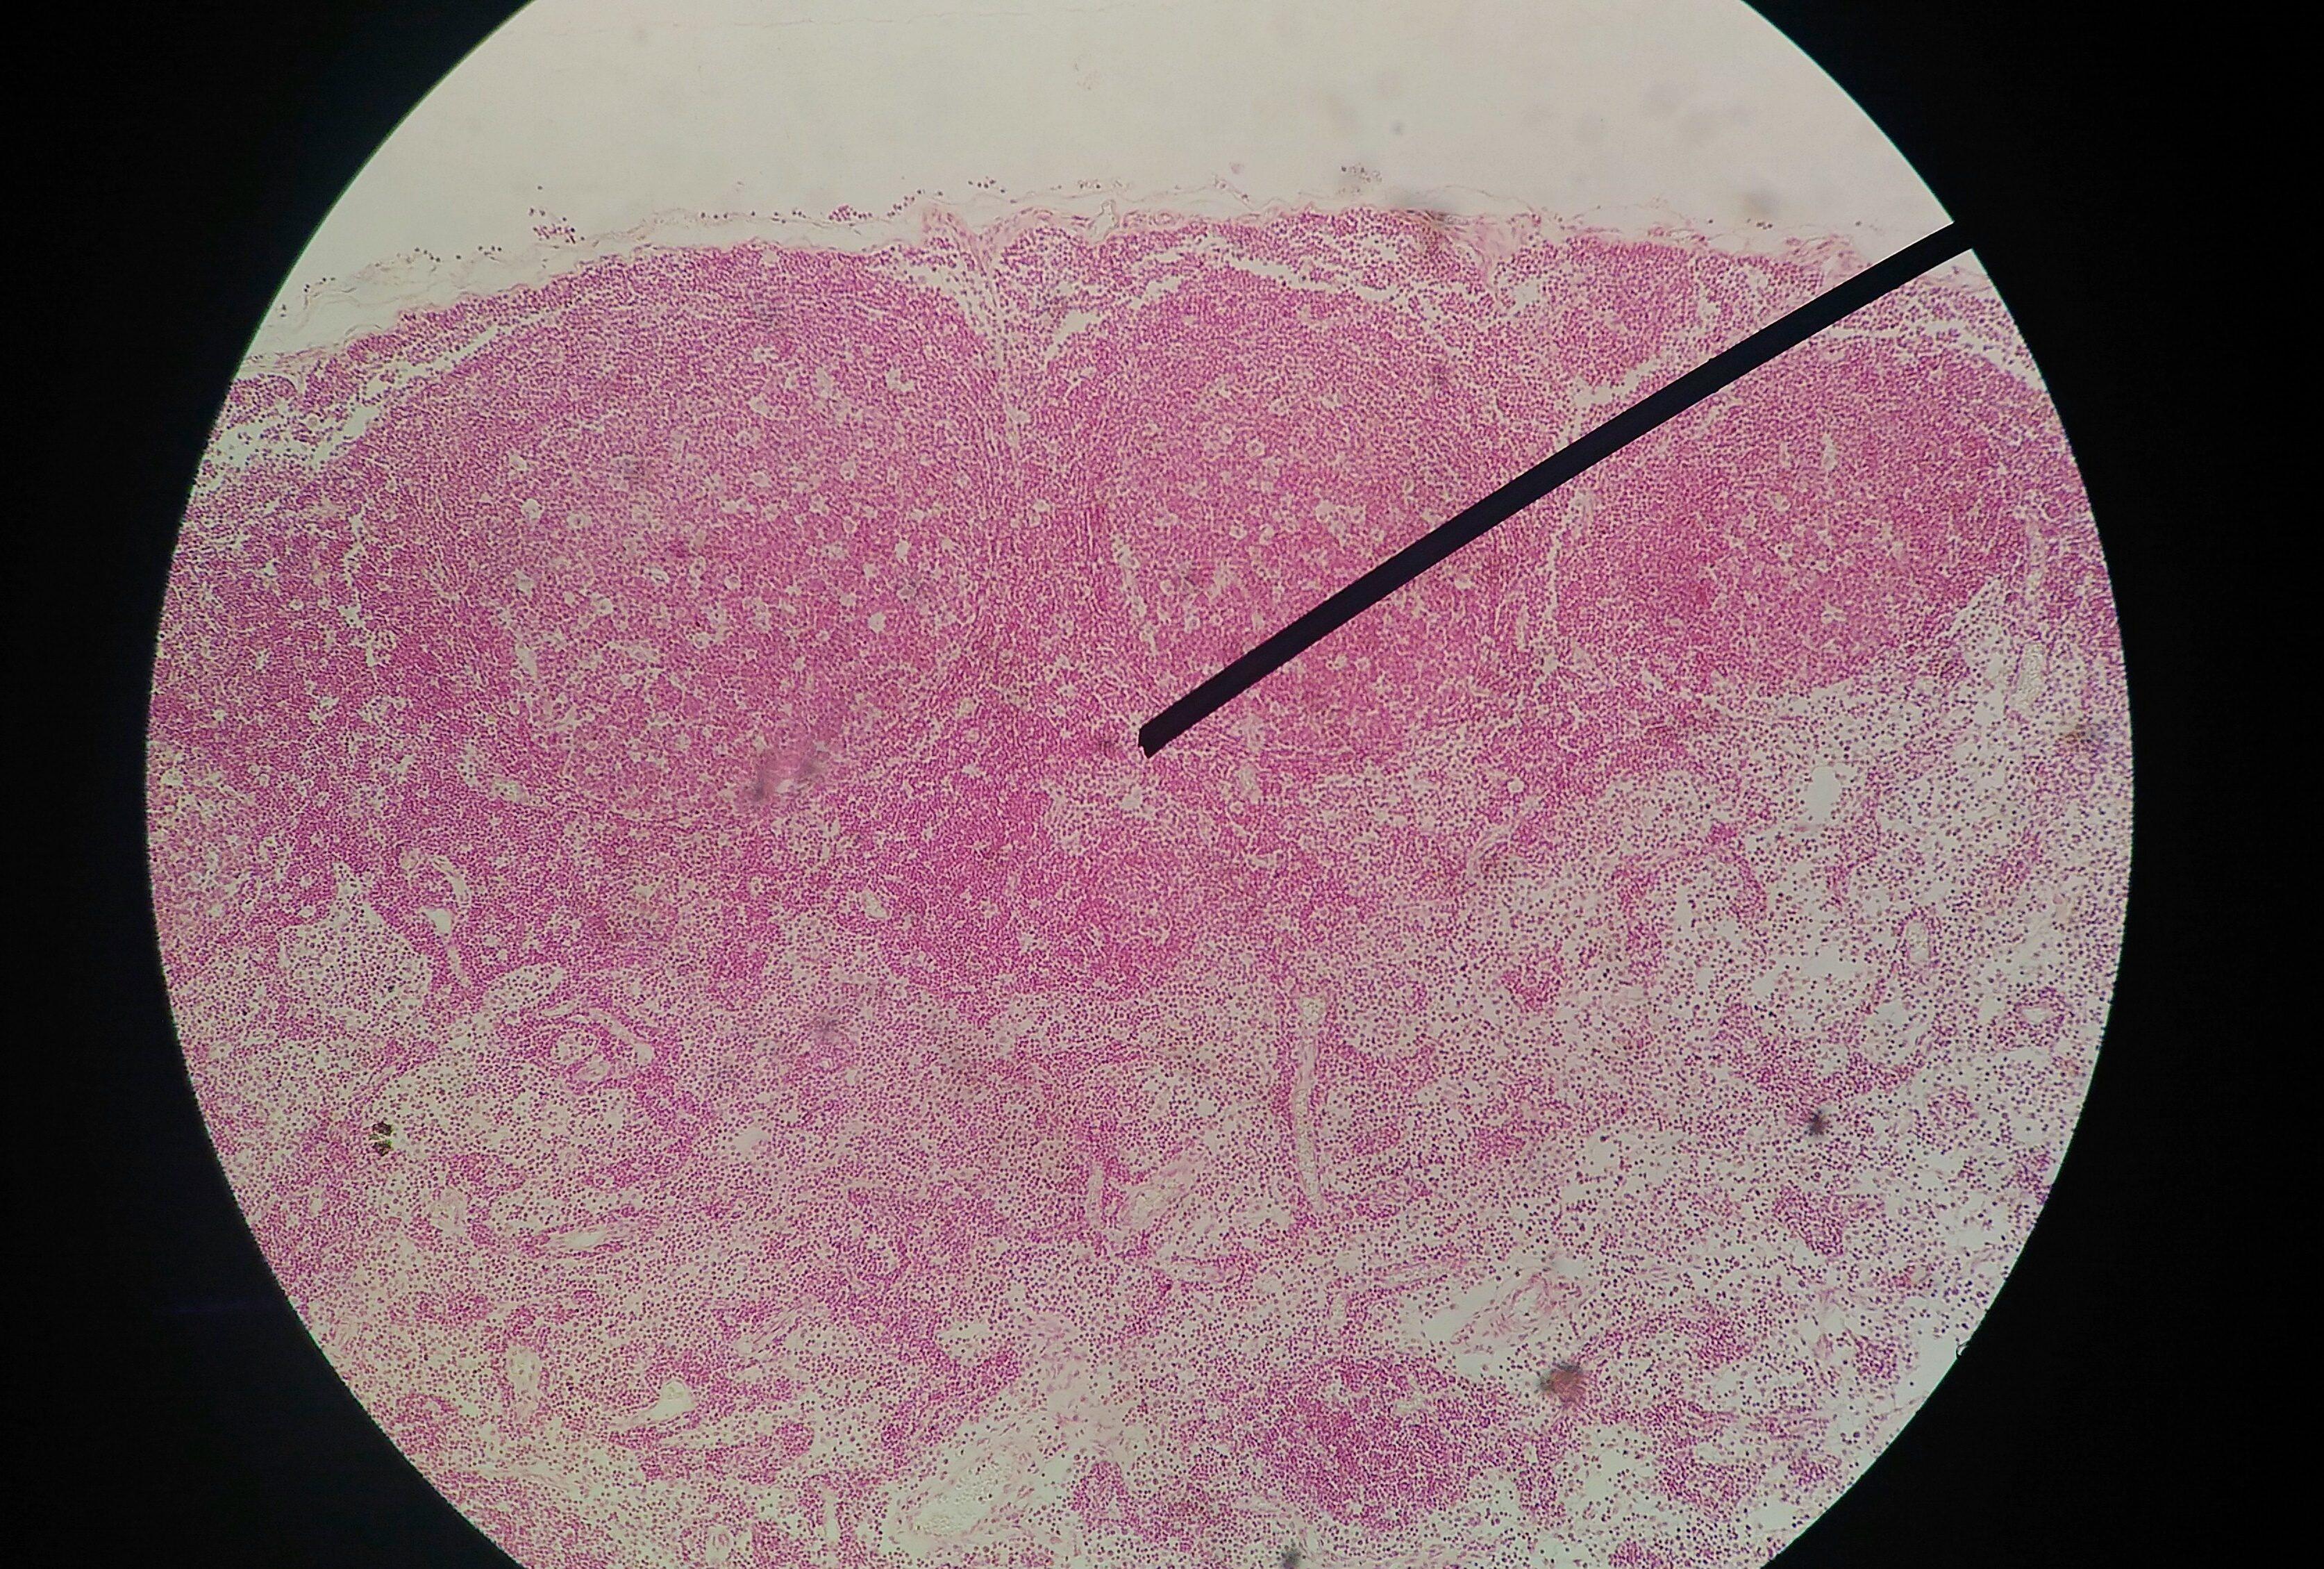 papilloma virus e pap test negativo)